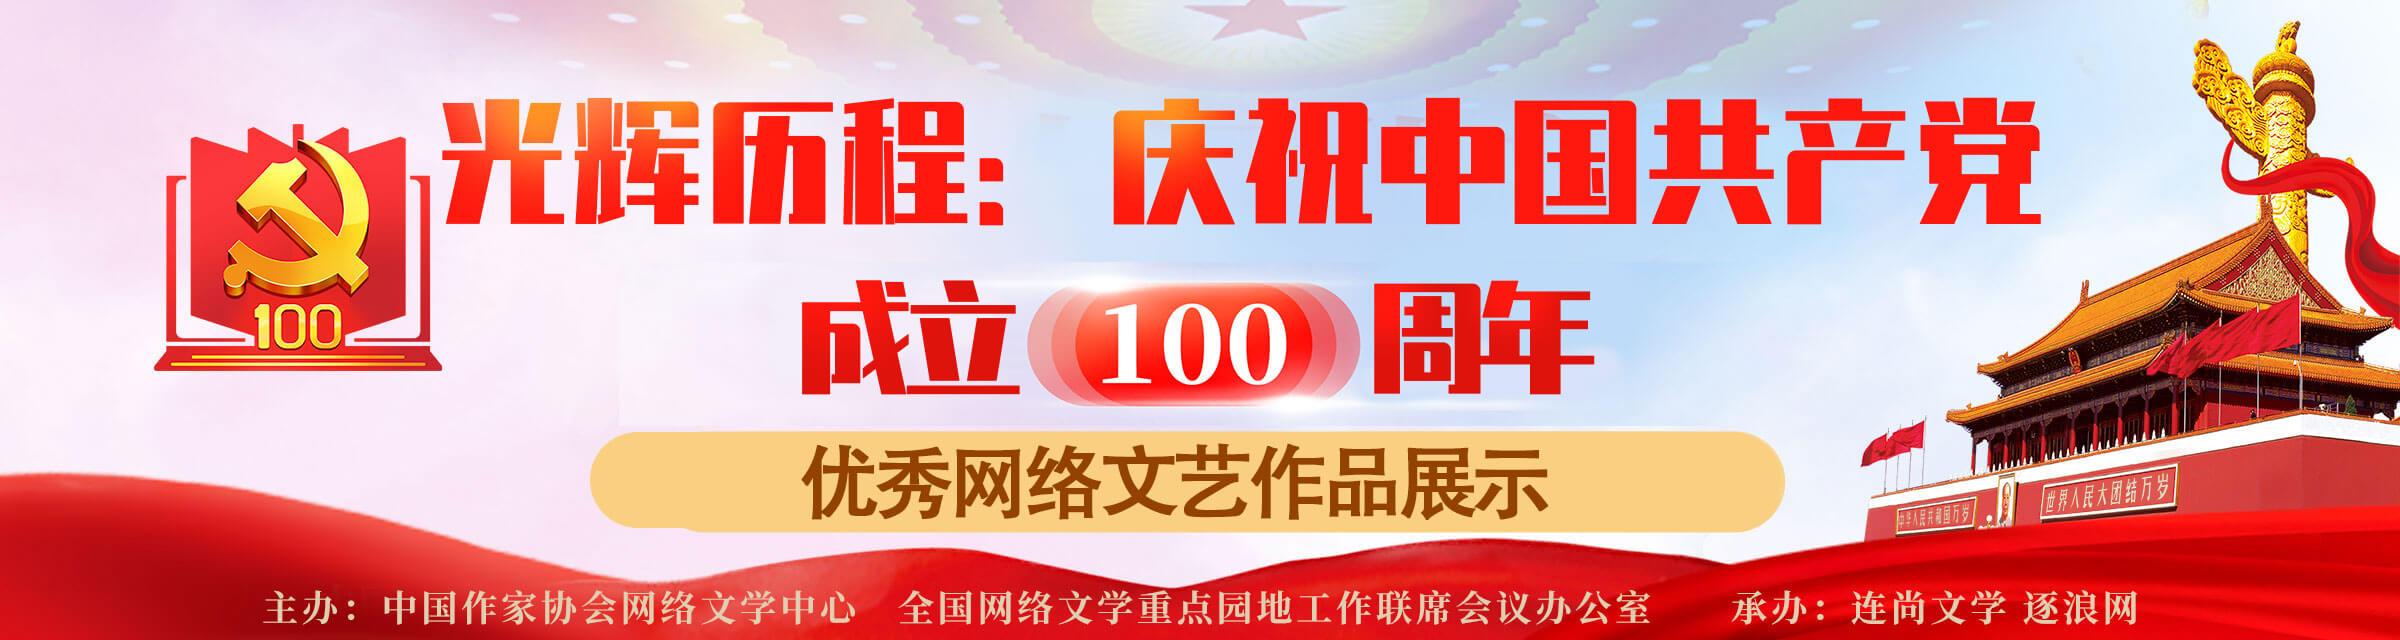 """光辉历程:""""庆祝中国共产党成立100周年""""优秀网络文艺作品展示"""